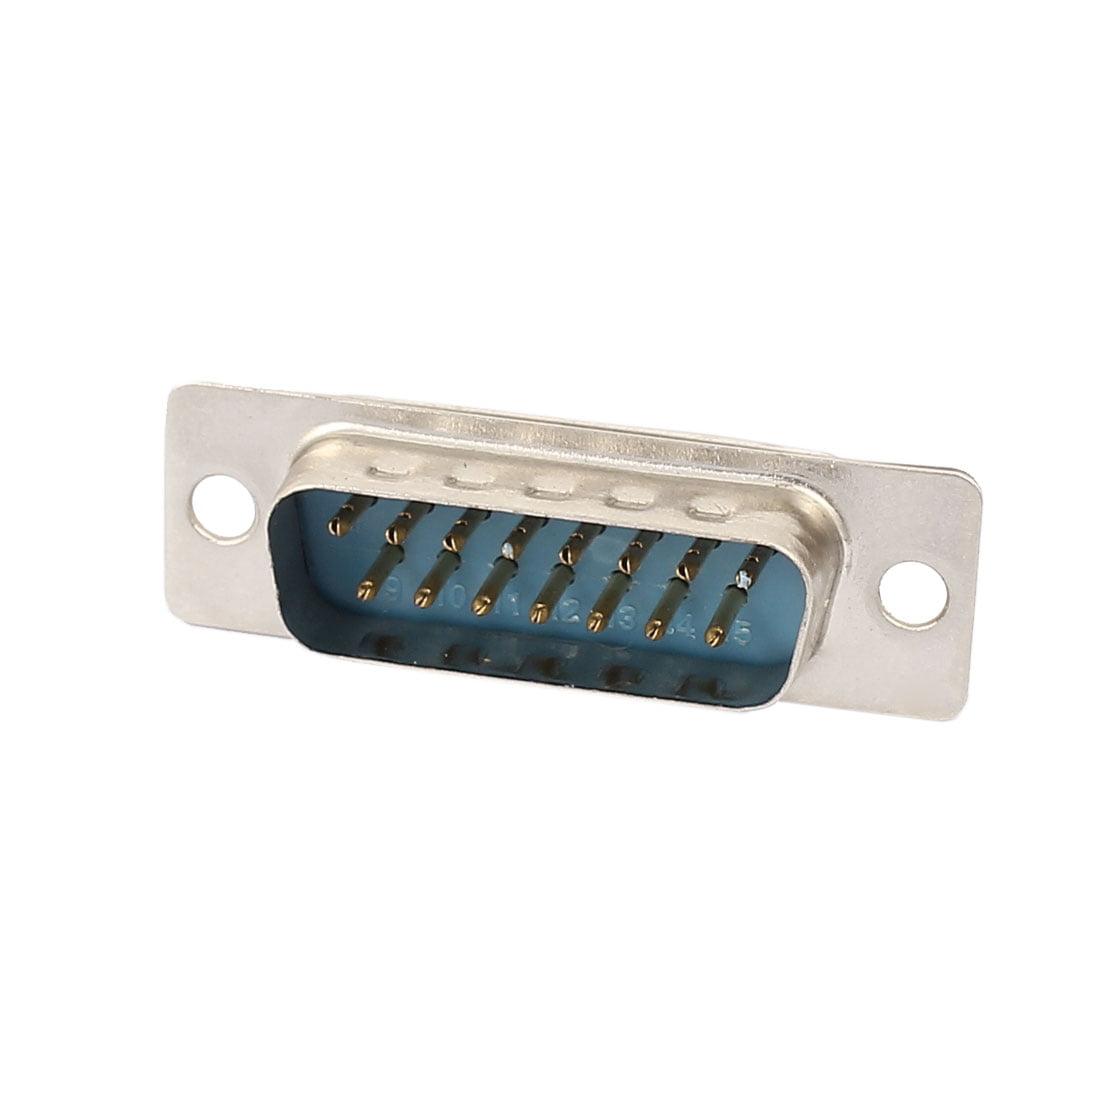 Souder 2 Row DB-15 M/âle Adaptateur de connecteur 15 broches VGA D-Sub 4 Pcs